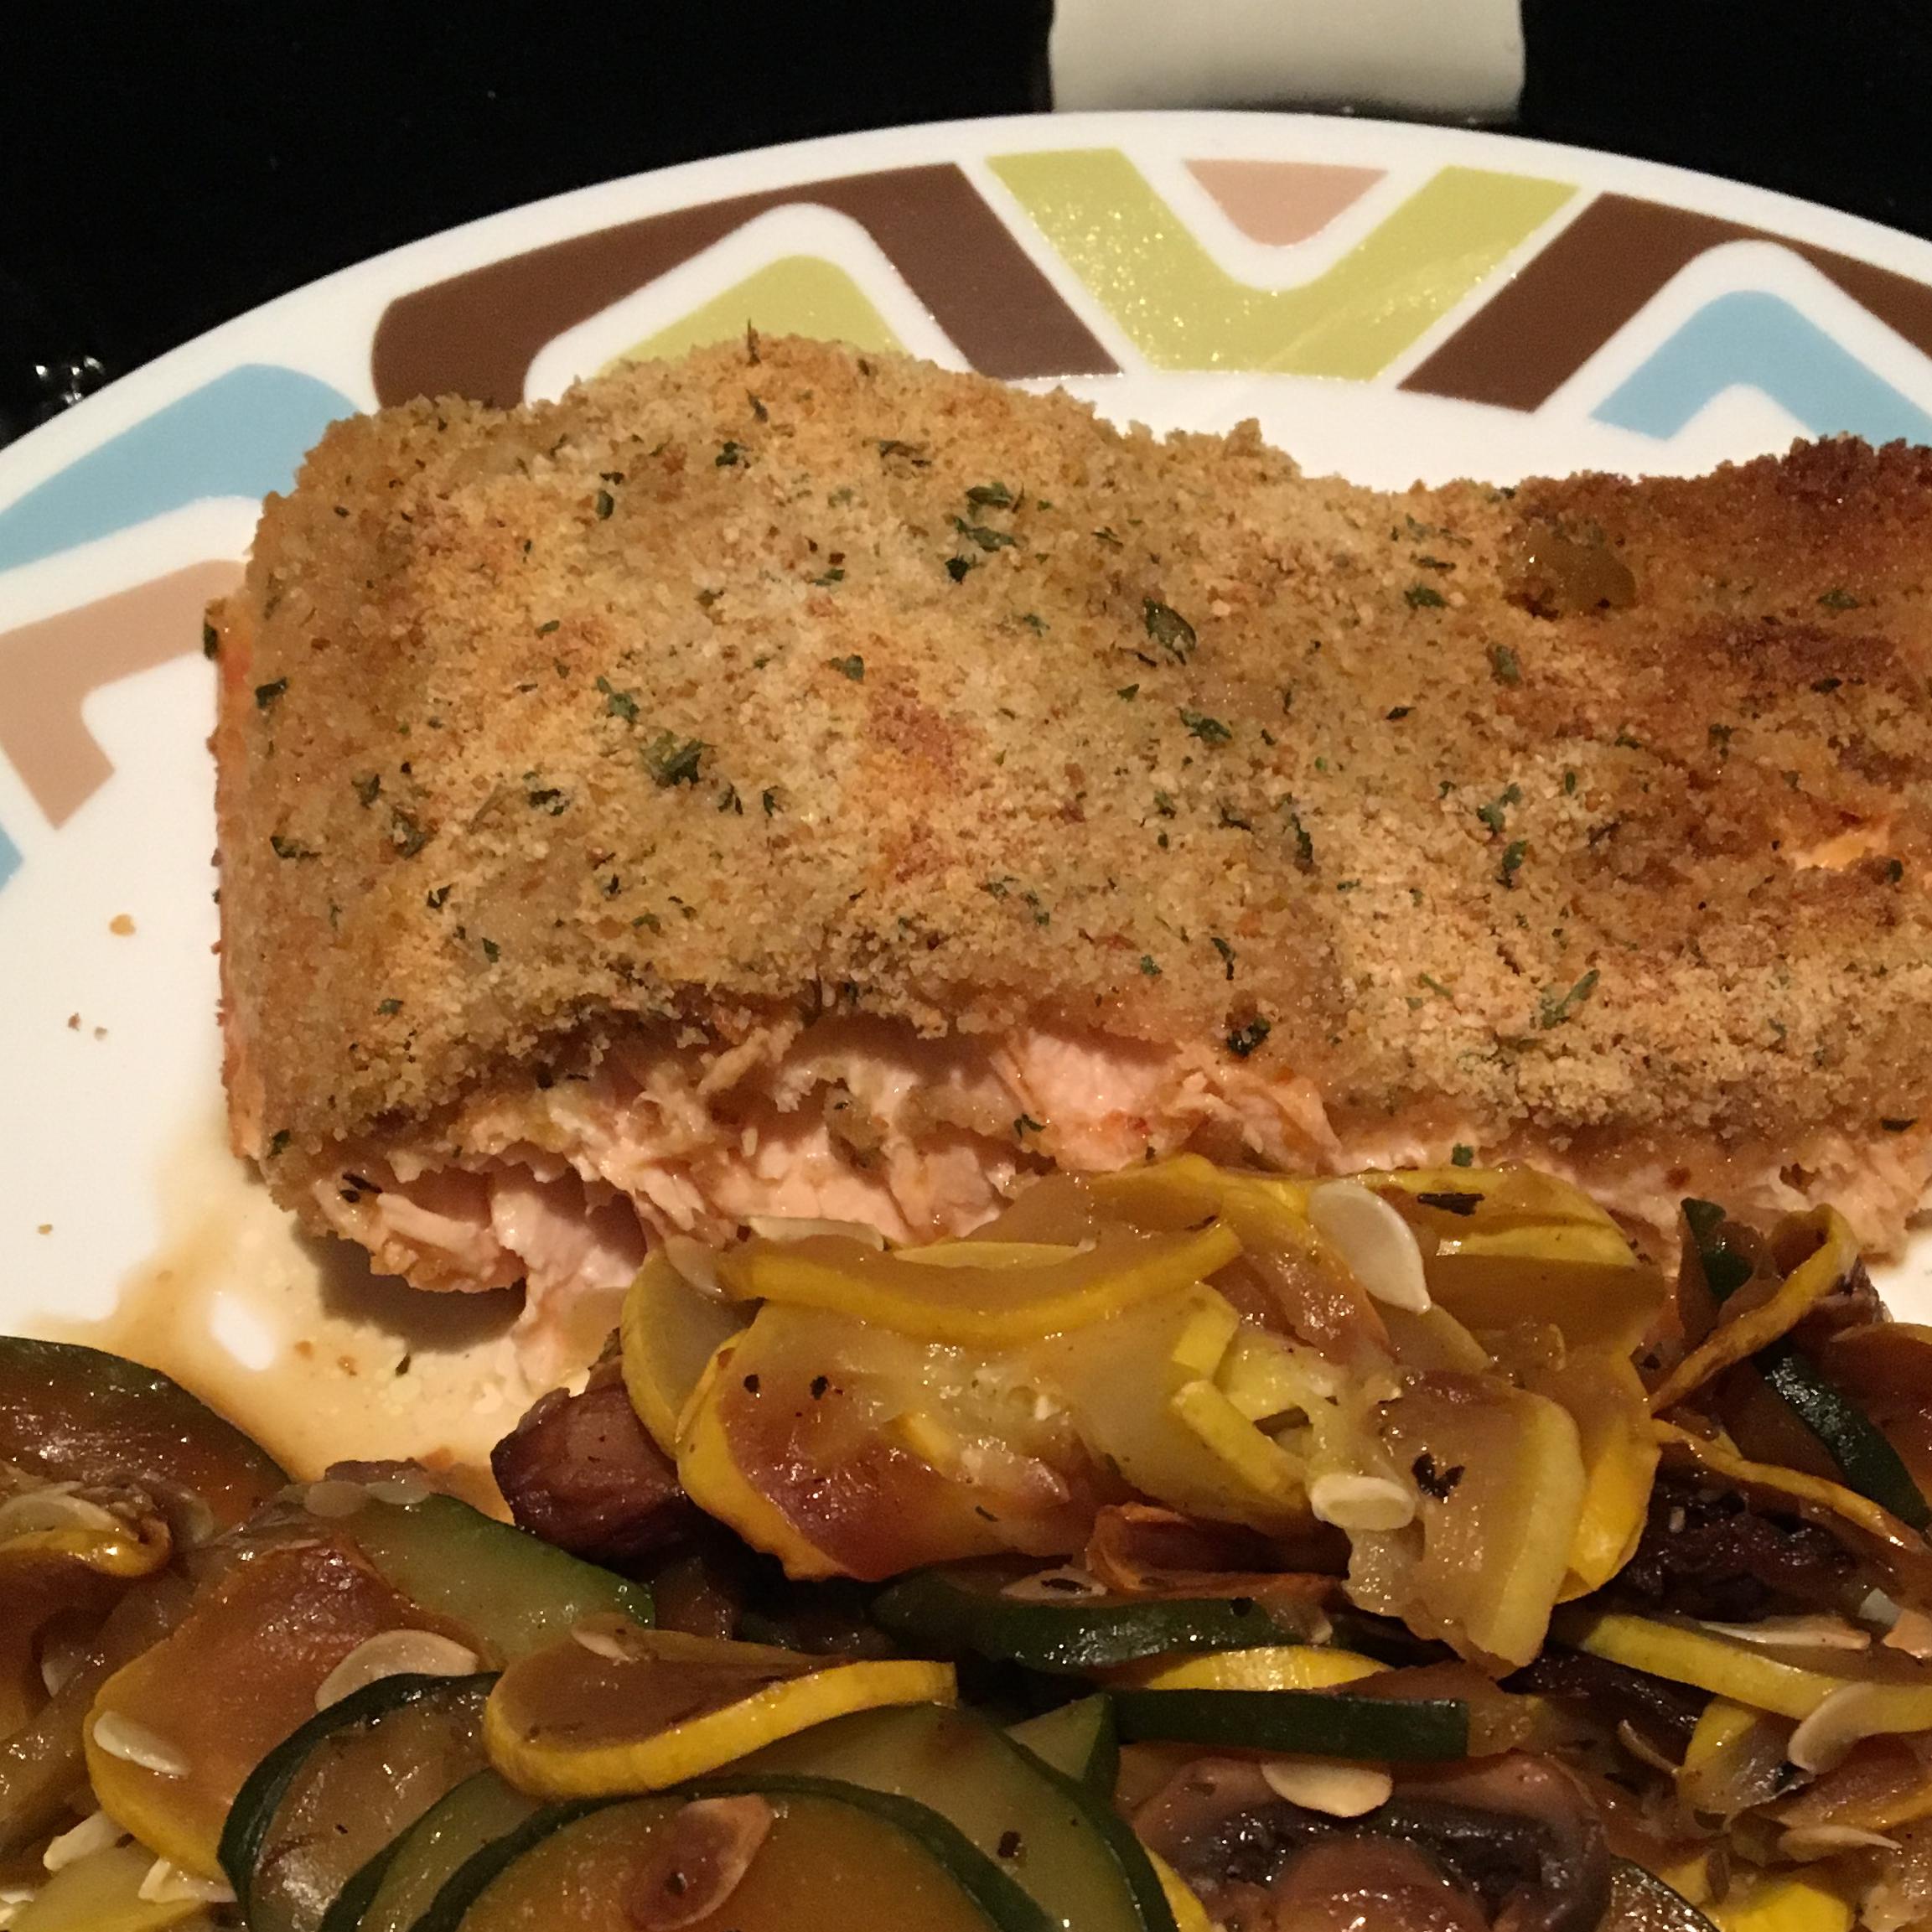 Baked Dijon Salmon ImNewAtThisCookingStuff